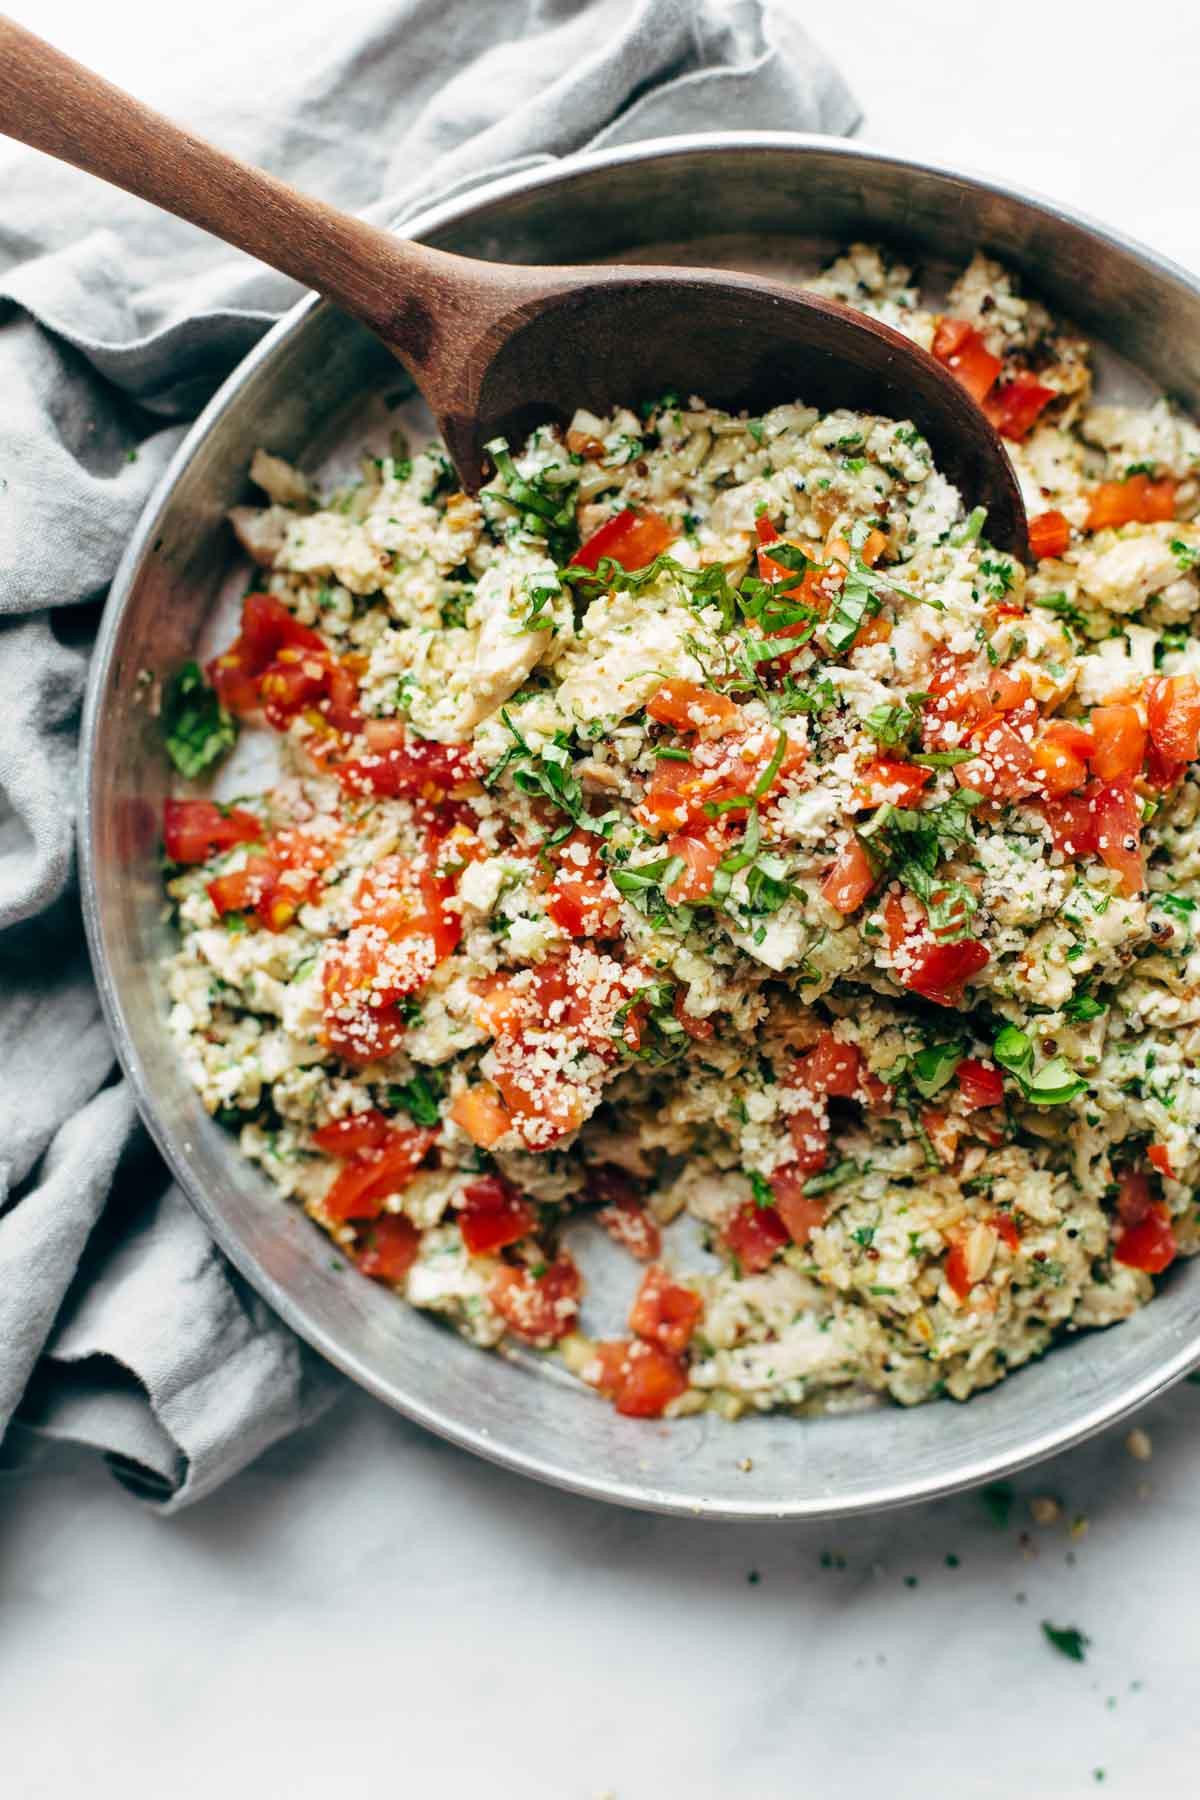 Is Chicken Salad Healthy  Healthy Garlic Herb Chicken Salad Recipe Pinch of Yum